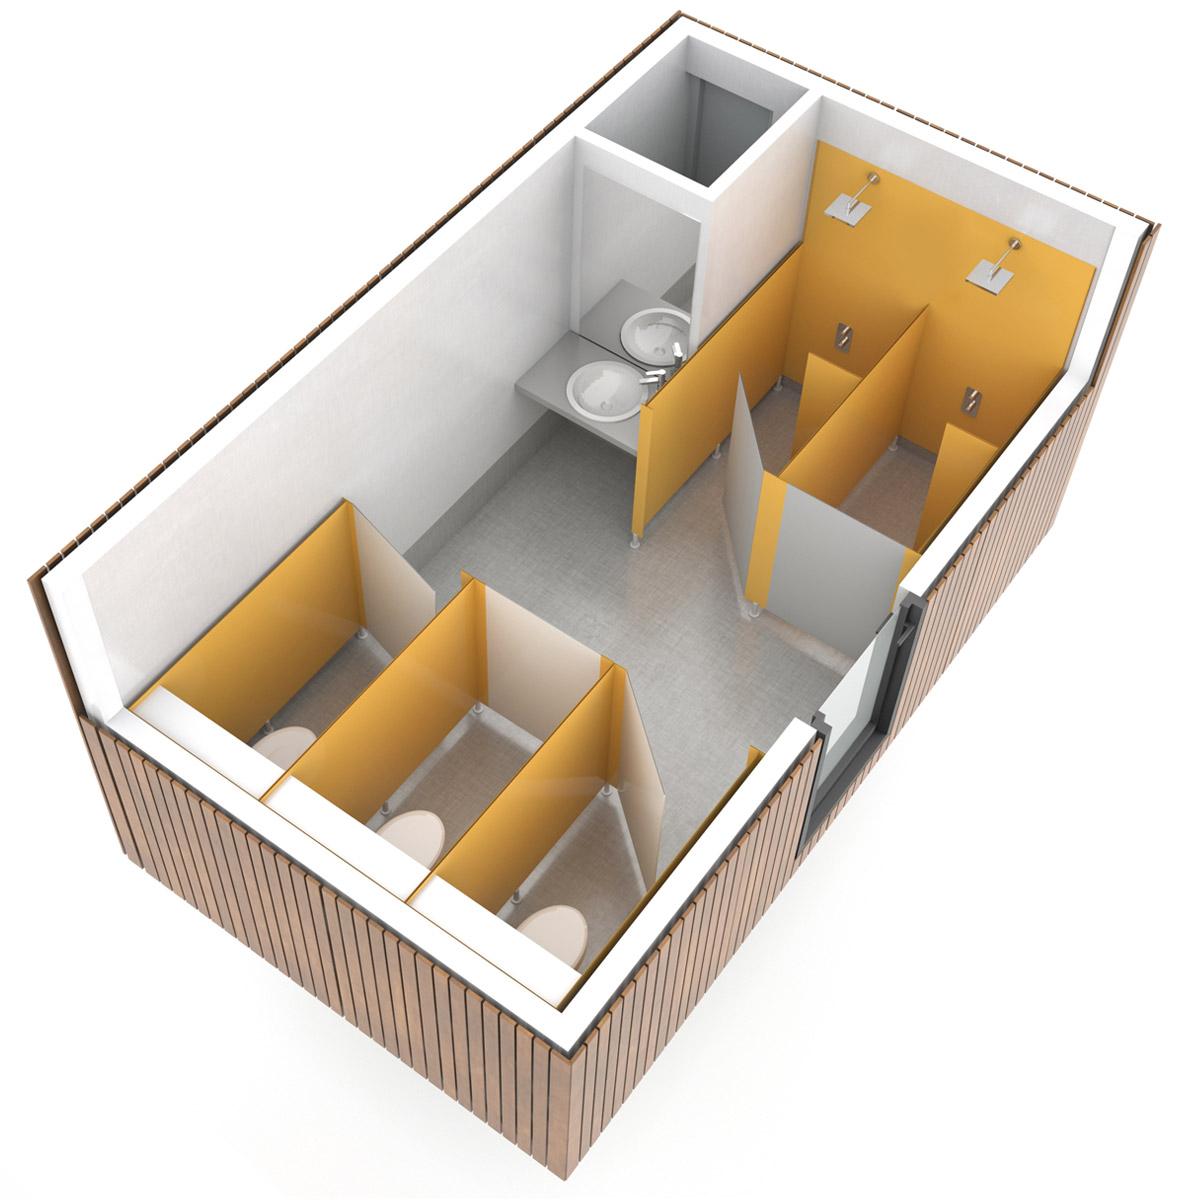 SANIBIO® FERMÉ MIXTE 3X bloc sanitaire, sanitaire modulaire